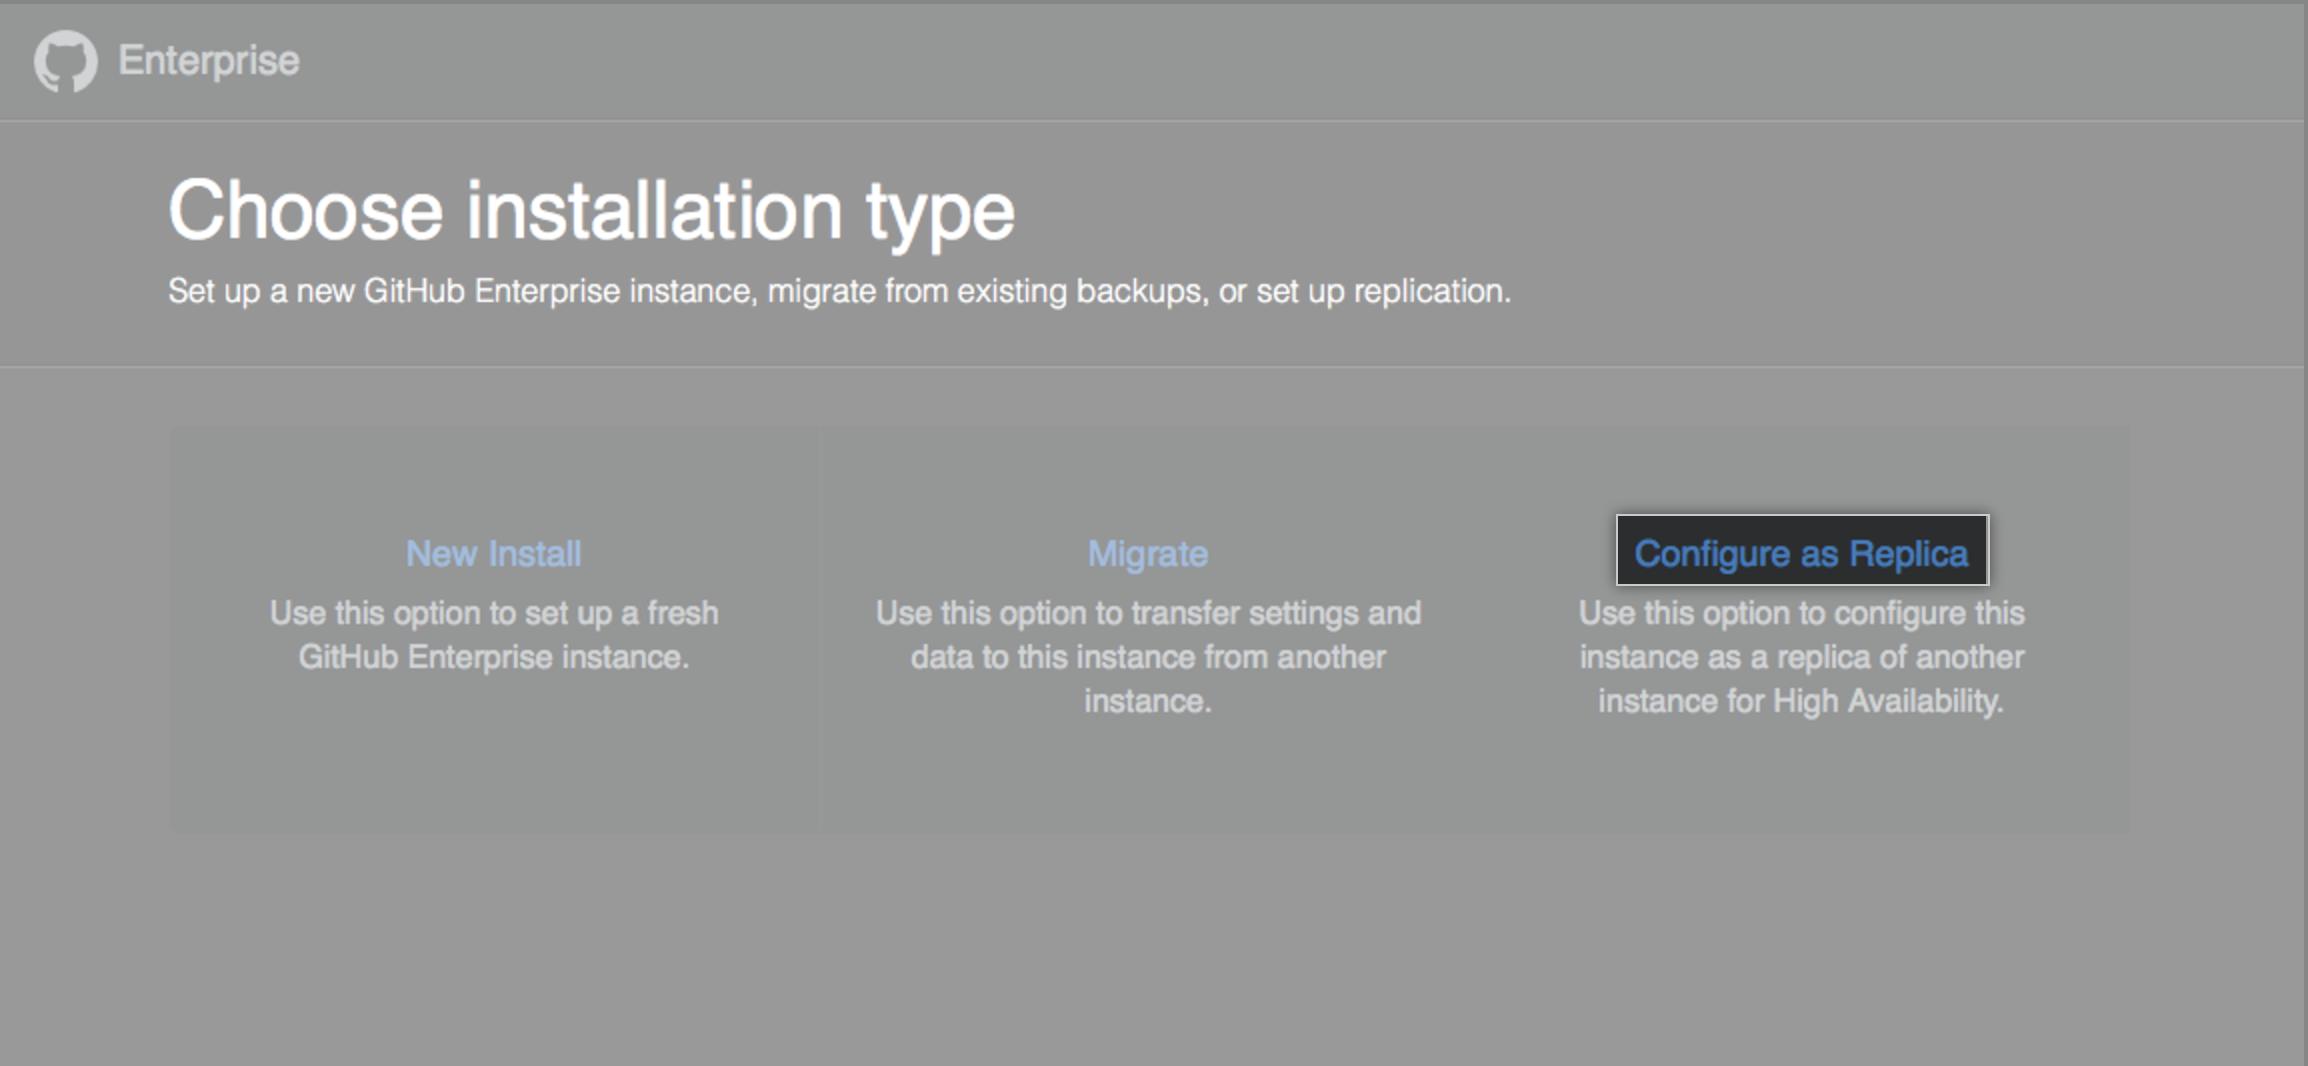 Opções de instalação com link para configurar a nova instância como réplica